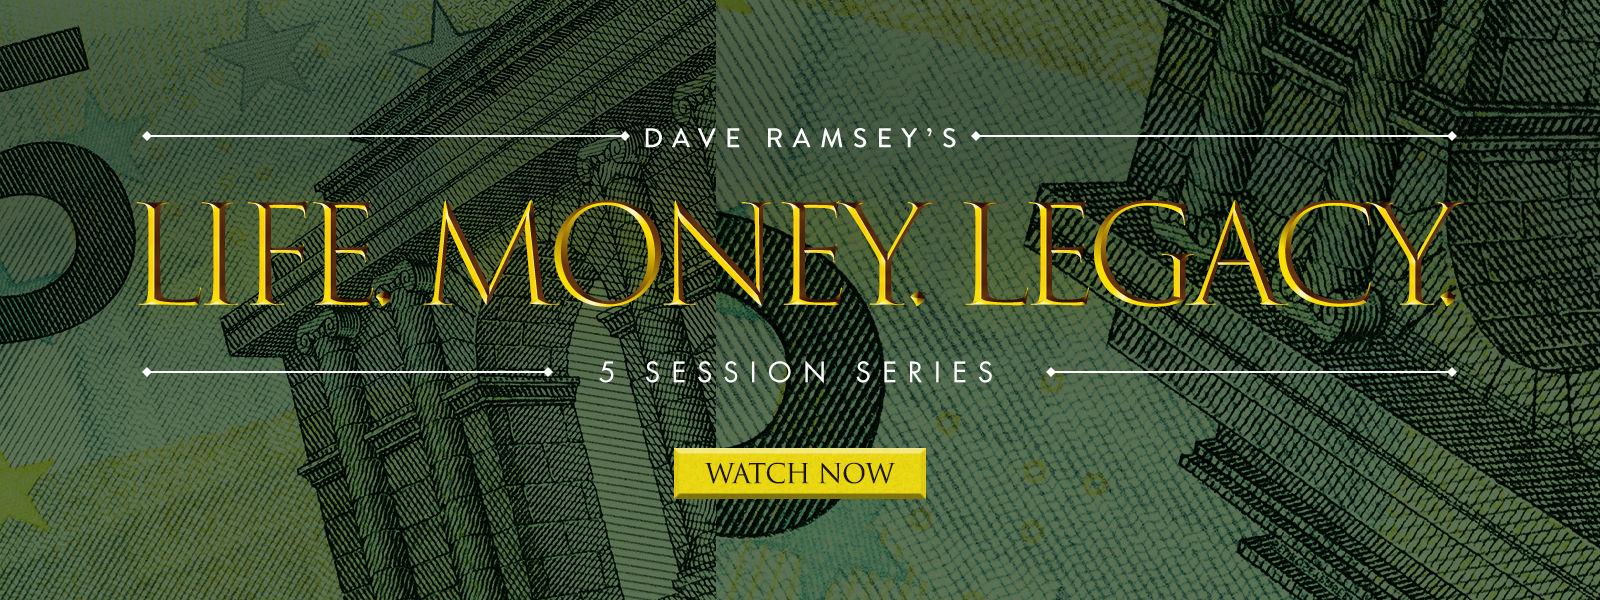 Life.Money.Legacy